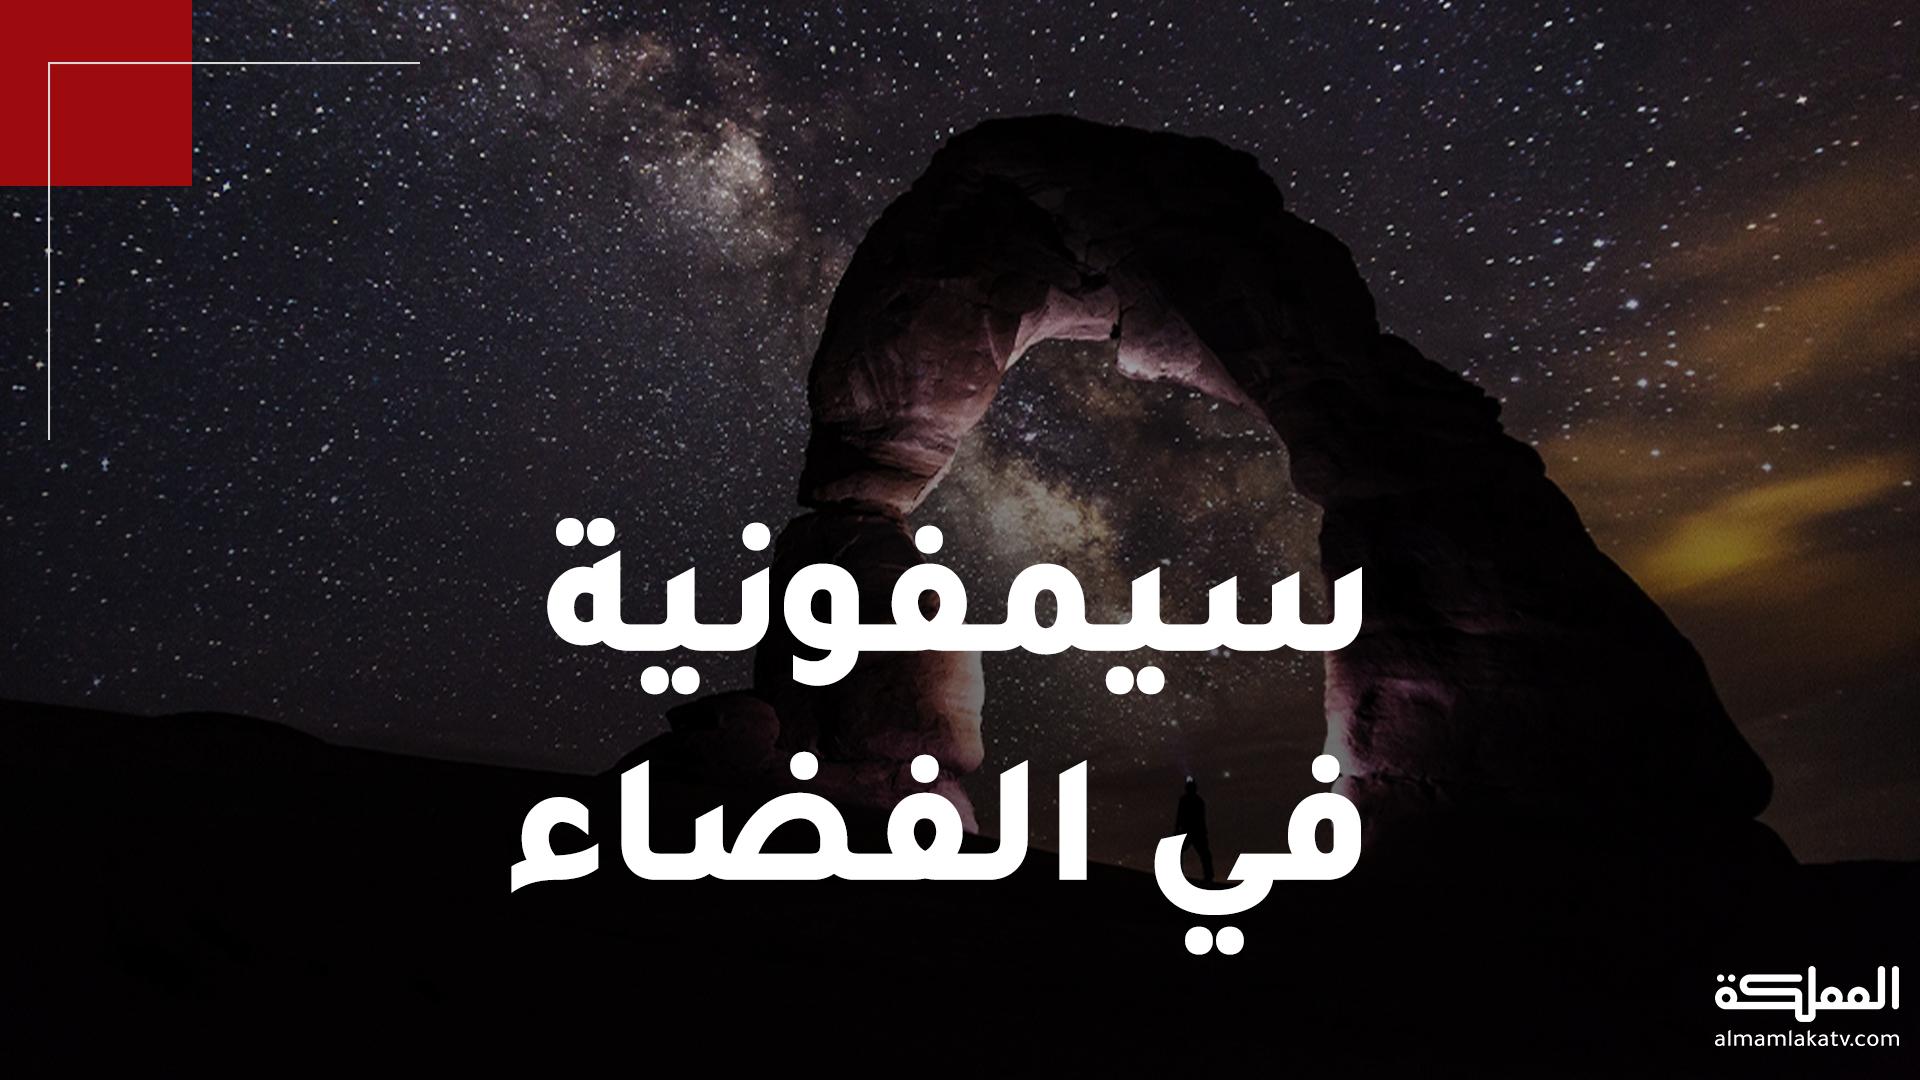 وكالة الفضاء الأميركية ناسا تنشر مقطعا موسيقيا لمجرة درب التبانة